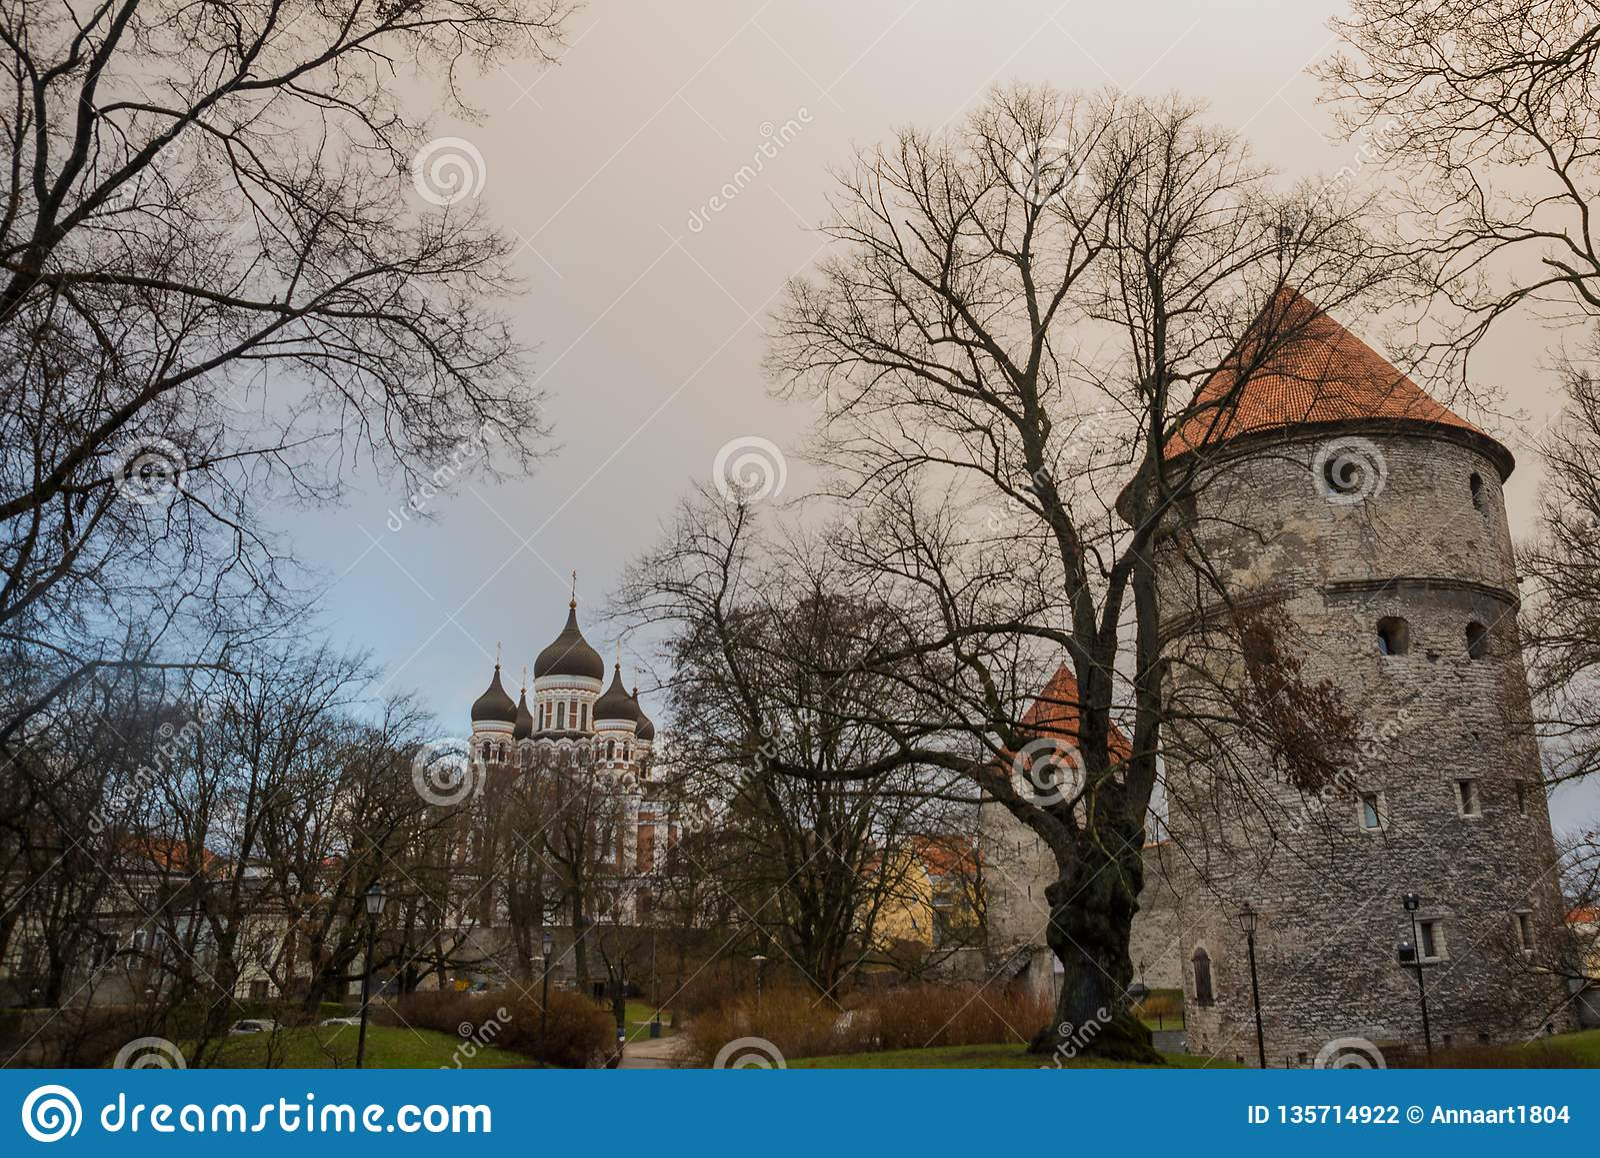 Ταλίν, Εσθονία: Kiek σε de Kok Museum και σήραγγες προμαχώνων στο μεσαιωνικό τοίχο πόλεων του Ταλίν αμυντικό Άποψη του Αλεξάνδρου